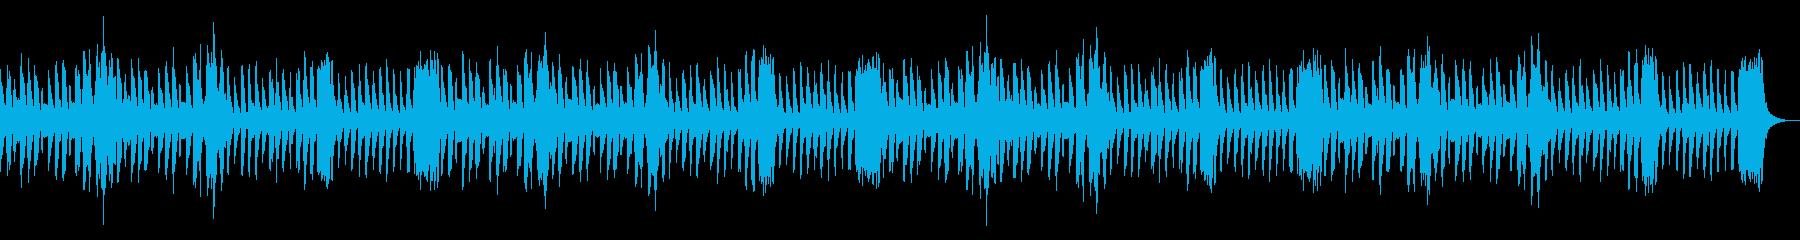 コミカルなほのぼの散歩風。弦とVib.の再生済みの波形